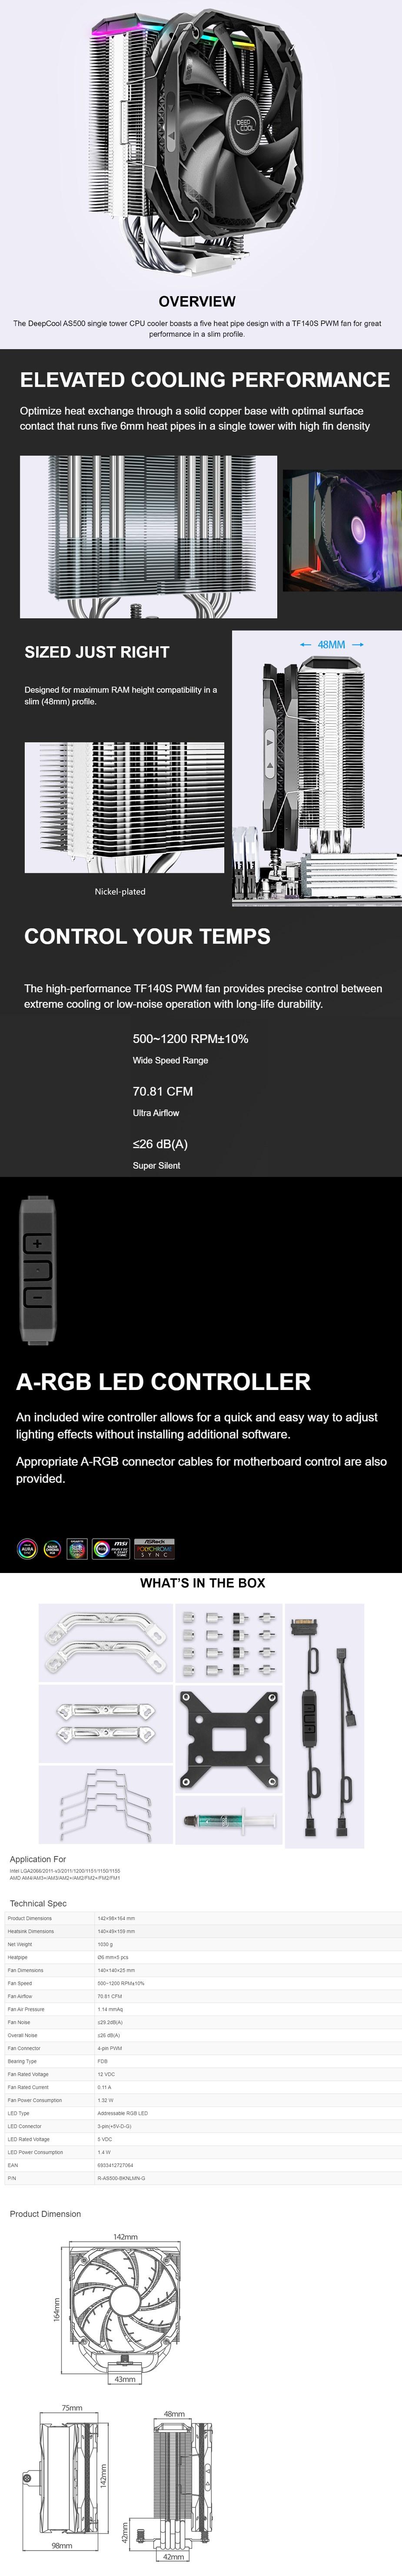 deepcool-as500-cpu-cooler-ac39787-2.jpg